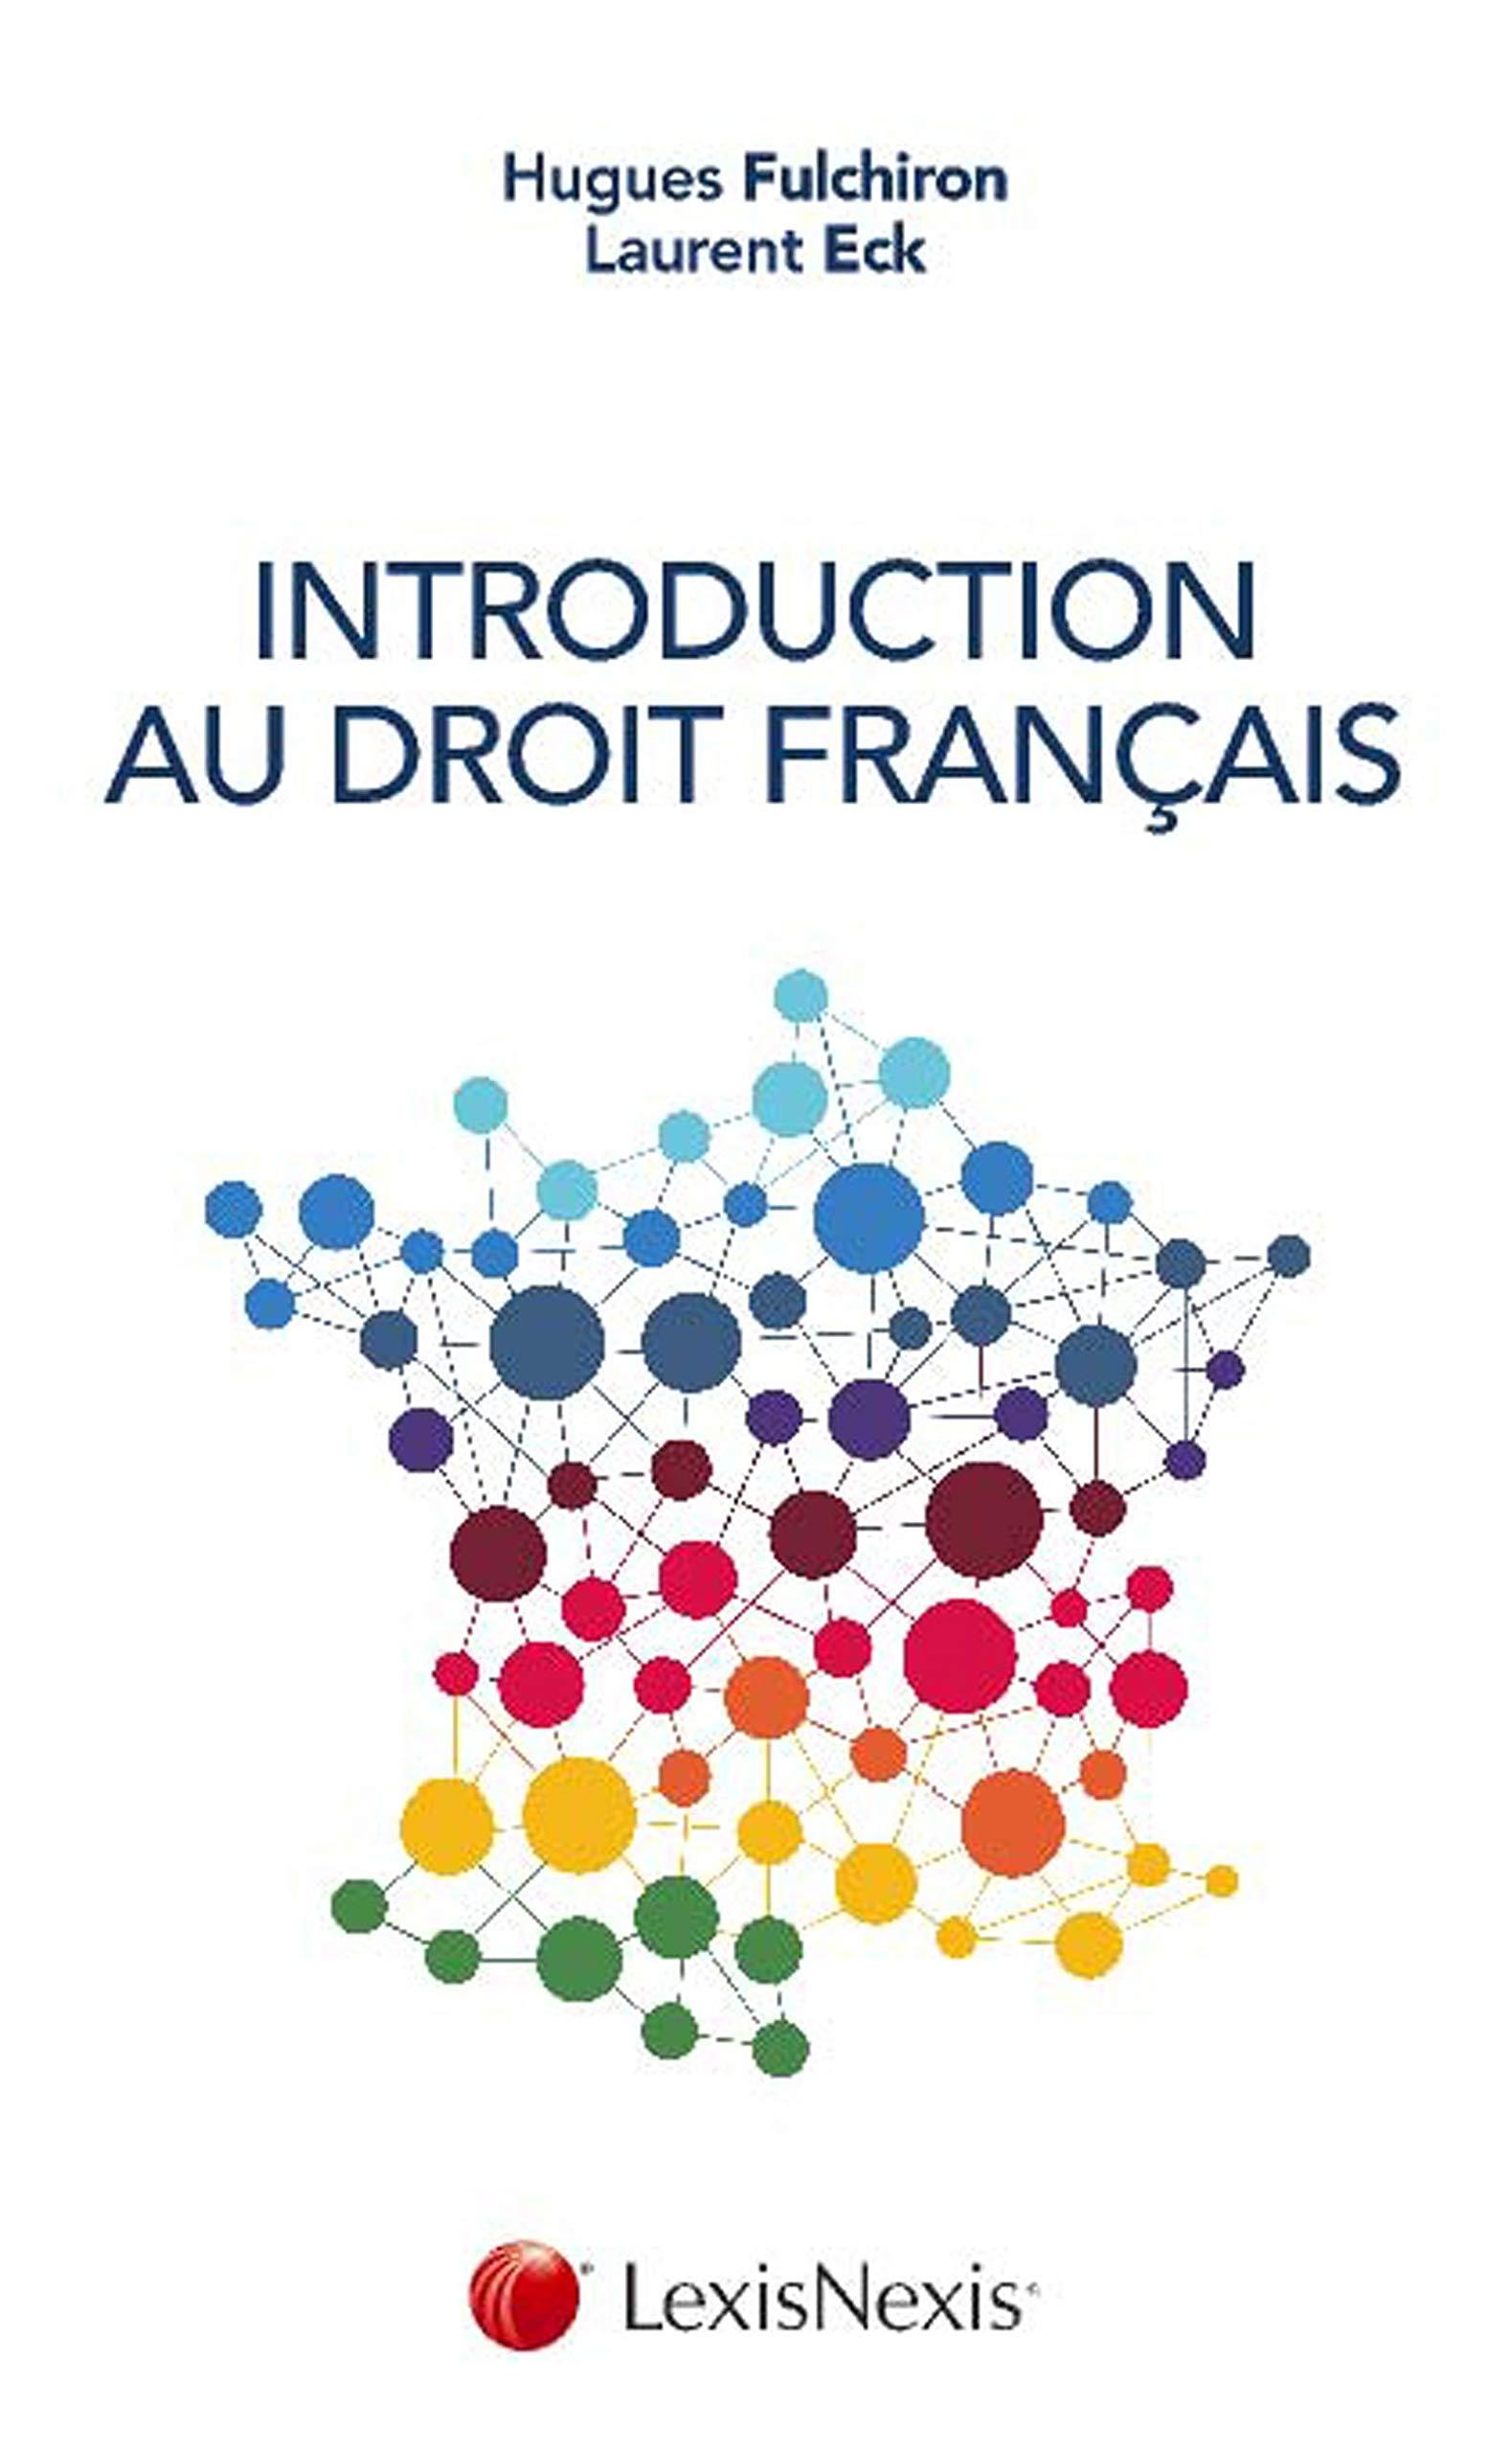 Introduction au droit français